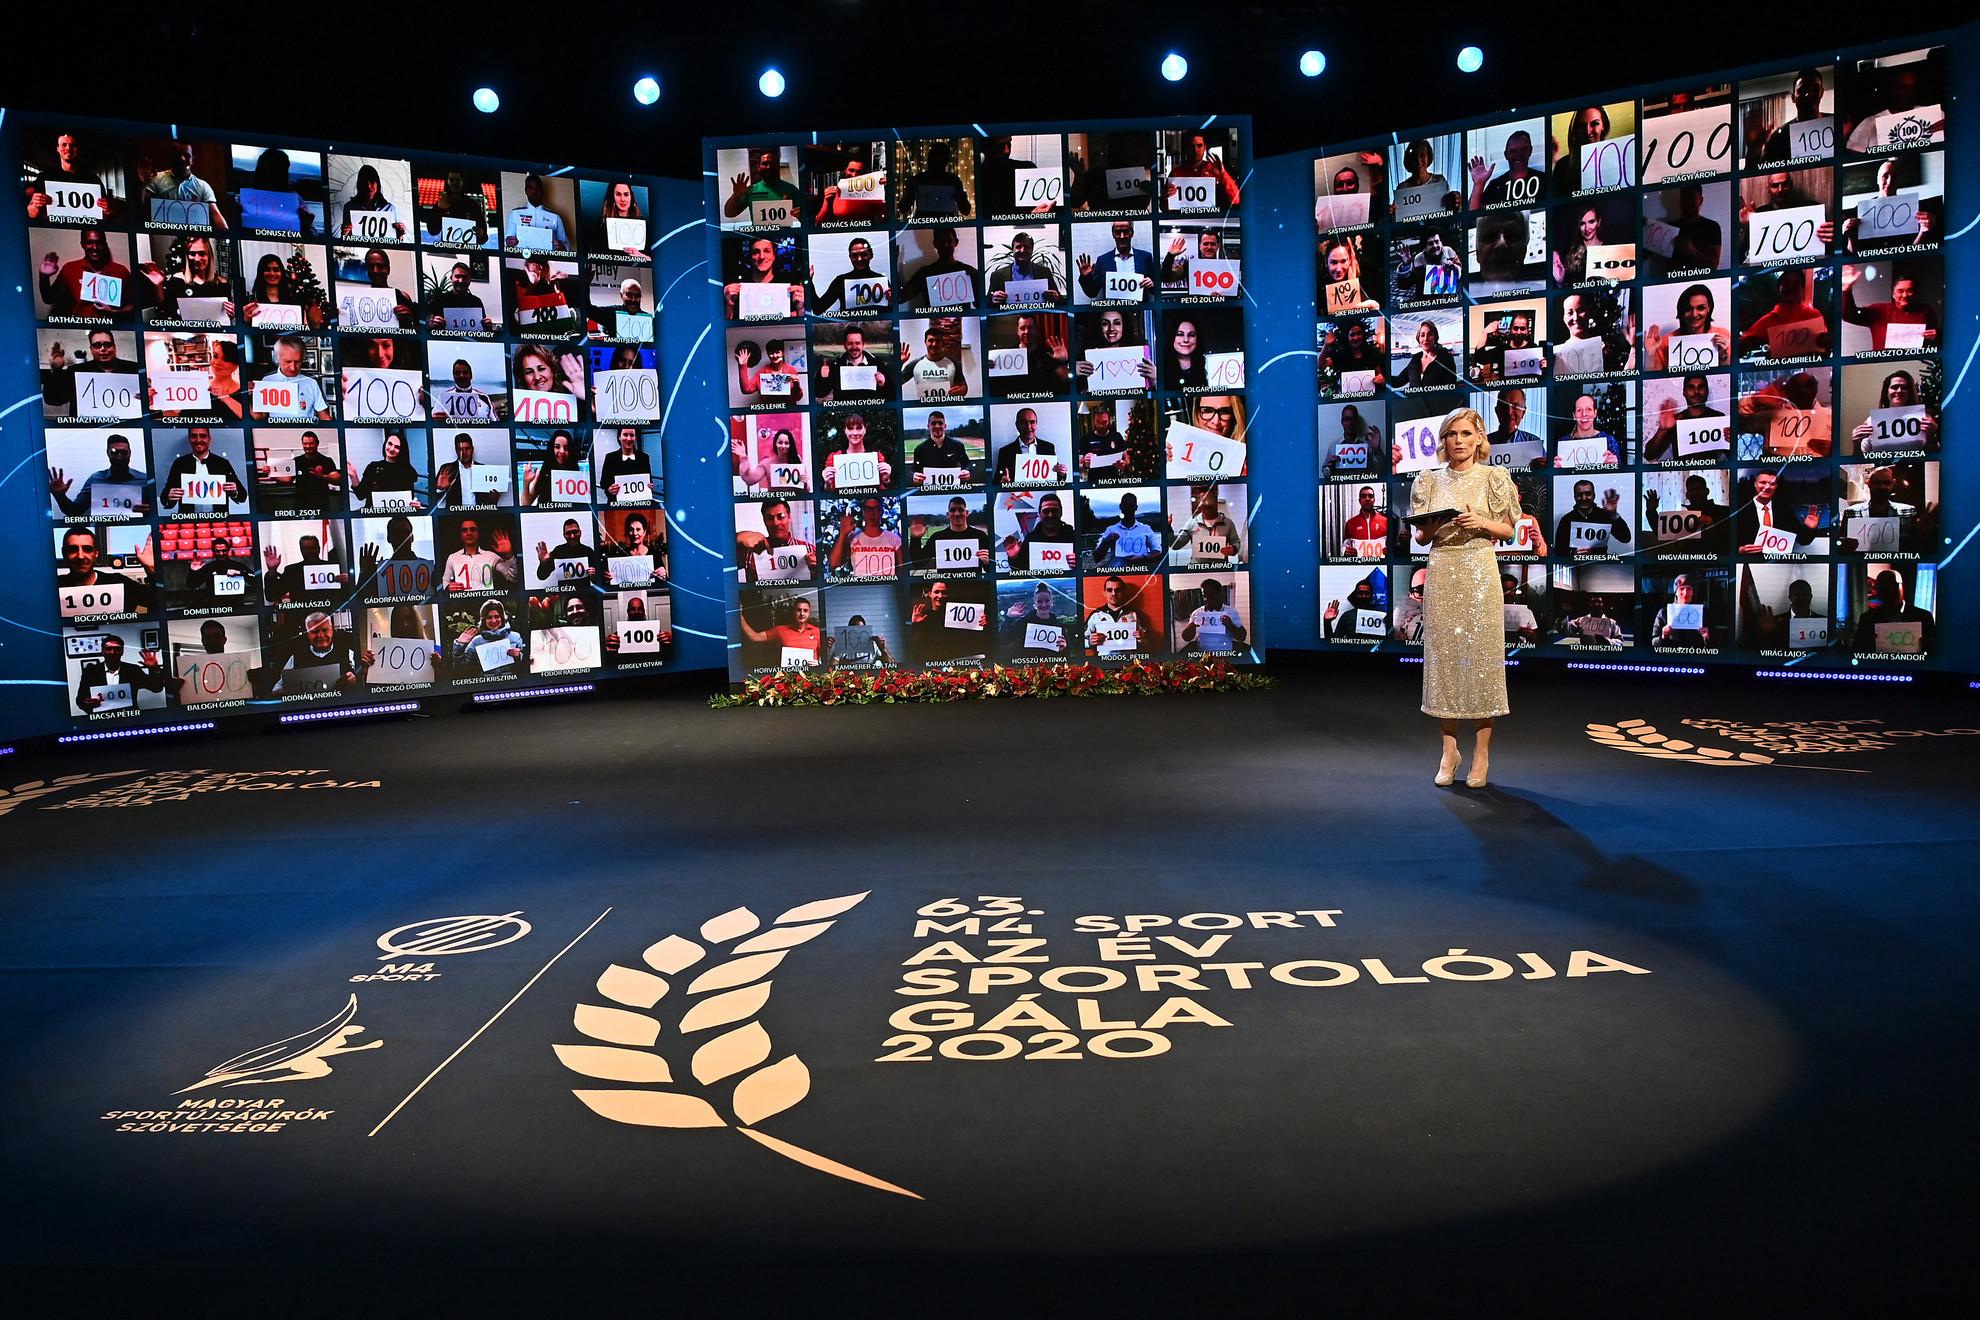 A kivetítőn 120 olimpikon köszönti a Magyar Sportújságírók Szövetség életműdíjával kitüntetett 100 éves Keleti Ágnes ötszörös olimpiai bajnok tornászt, a világ legidősebb olimpiai bajnokát